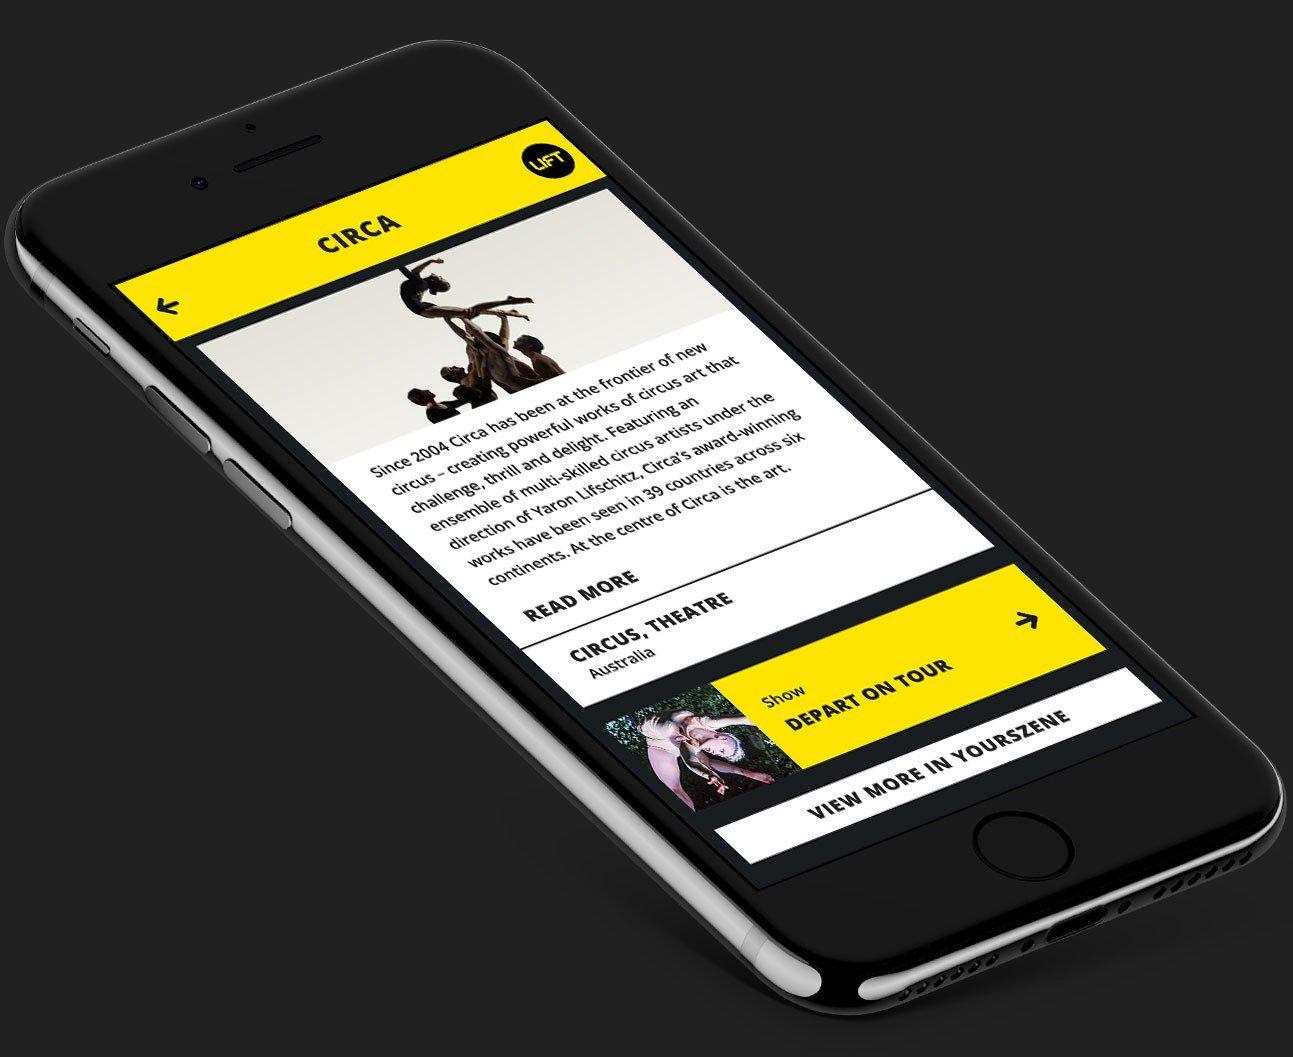 Una solución definitiva para eventos de teatro grandes y pequeños. Sorprende a los asistentes del festival con una App fácil de utilizar